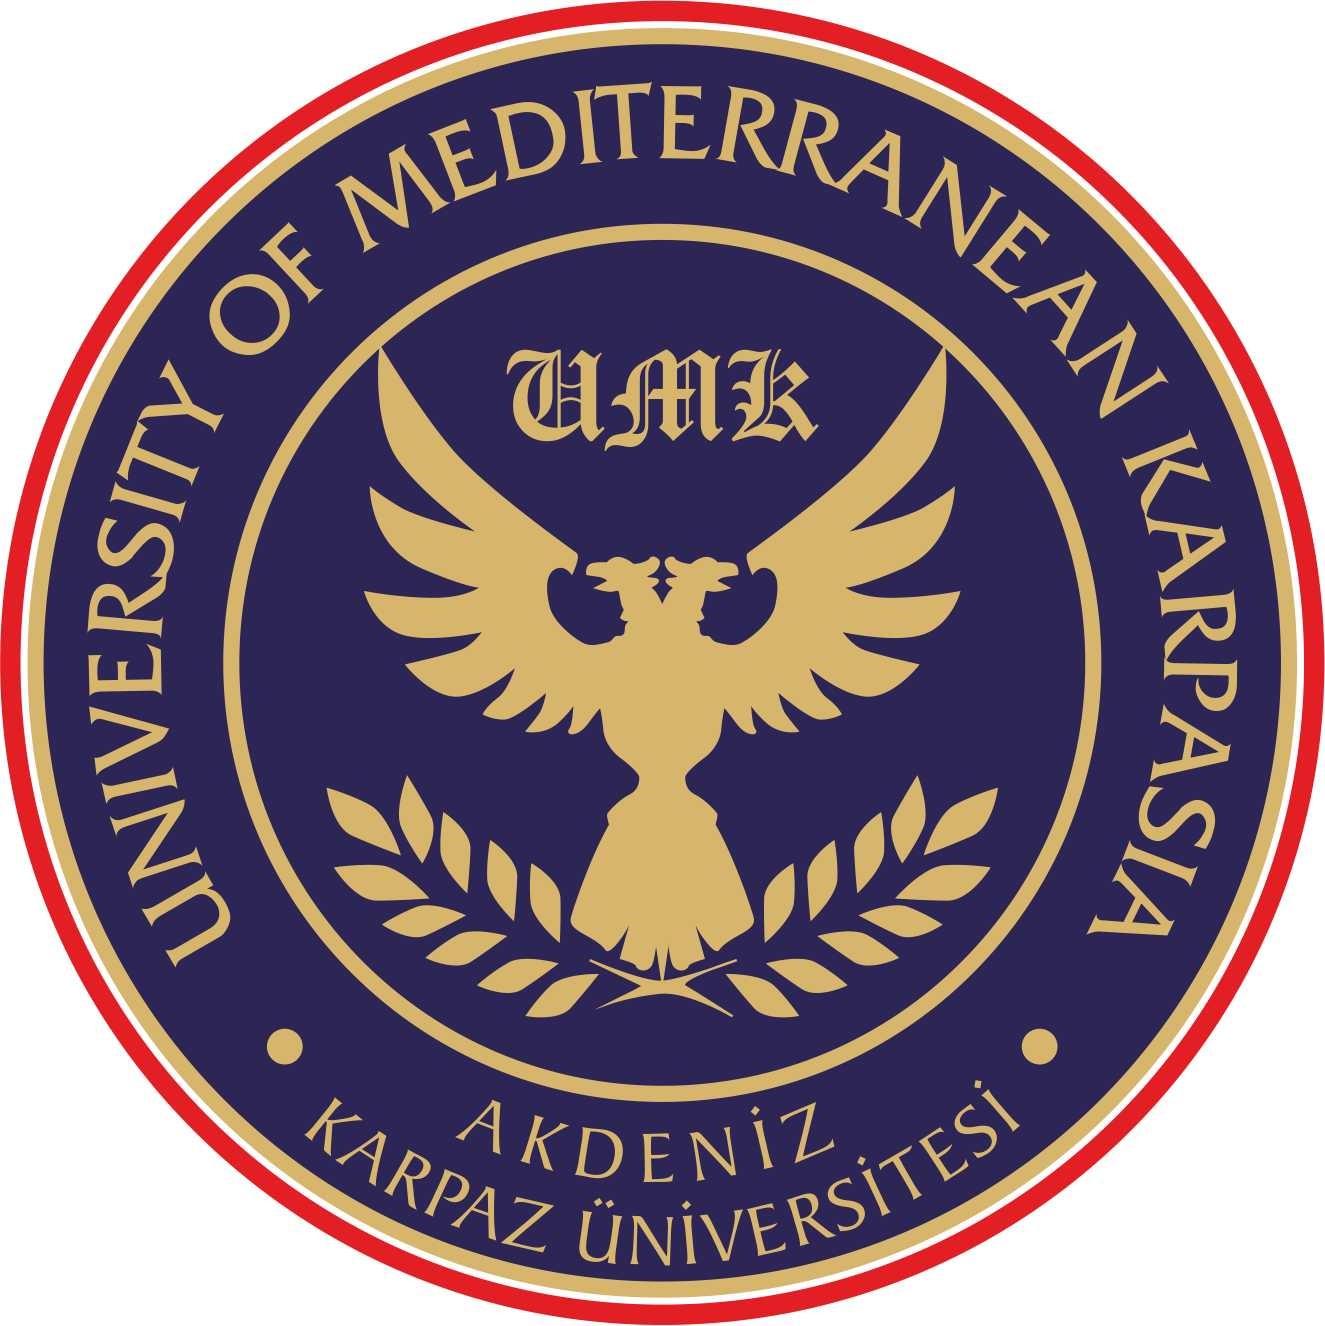 Üç yılda 3 Üniversite